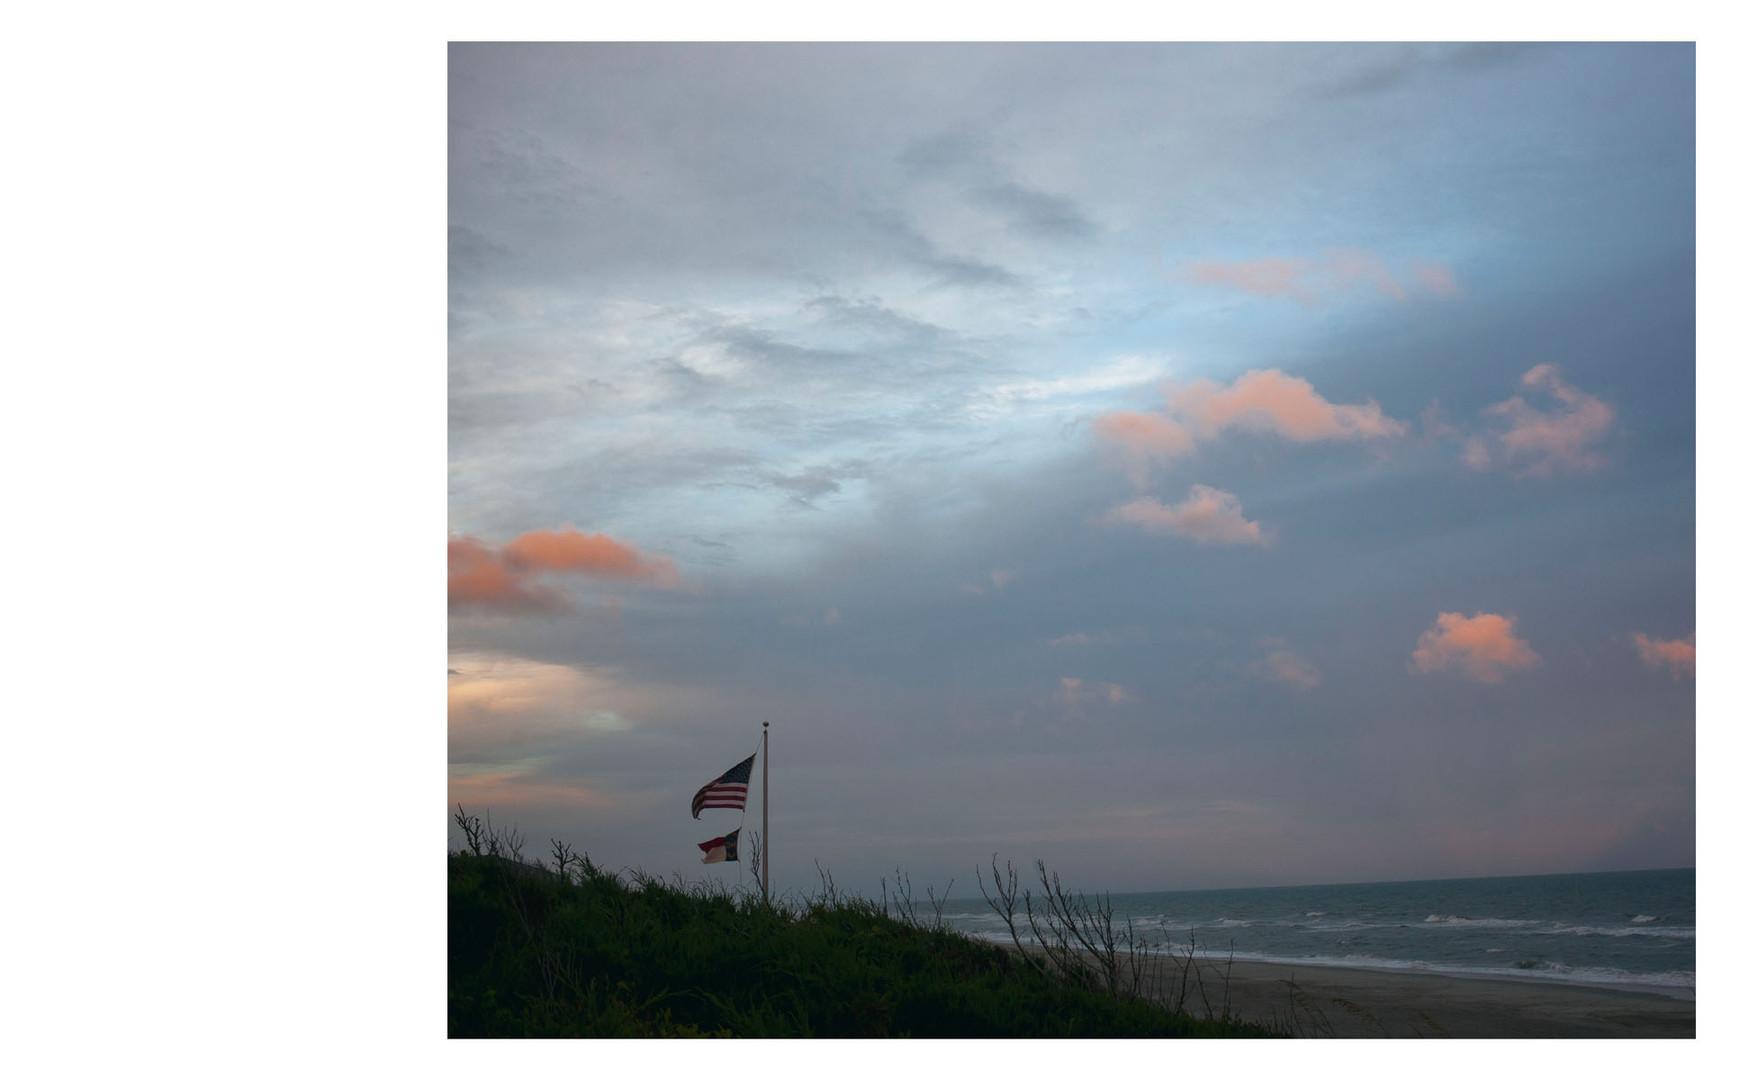 North Carolina, 2020